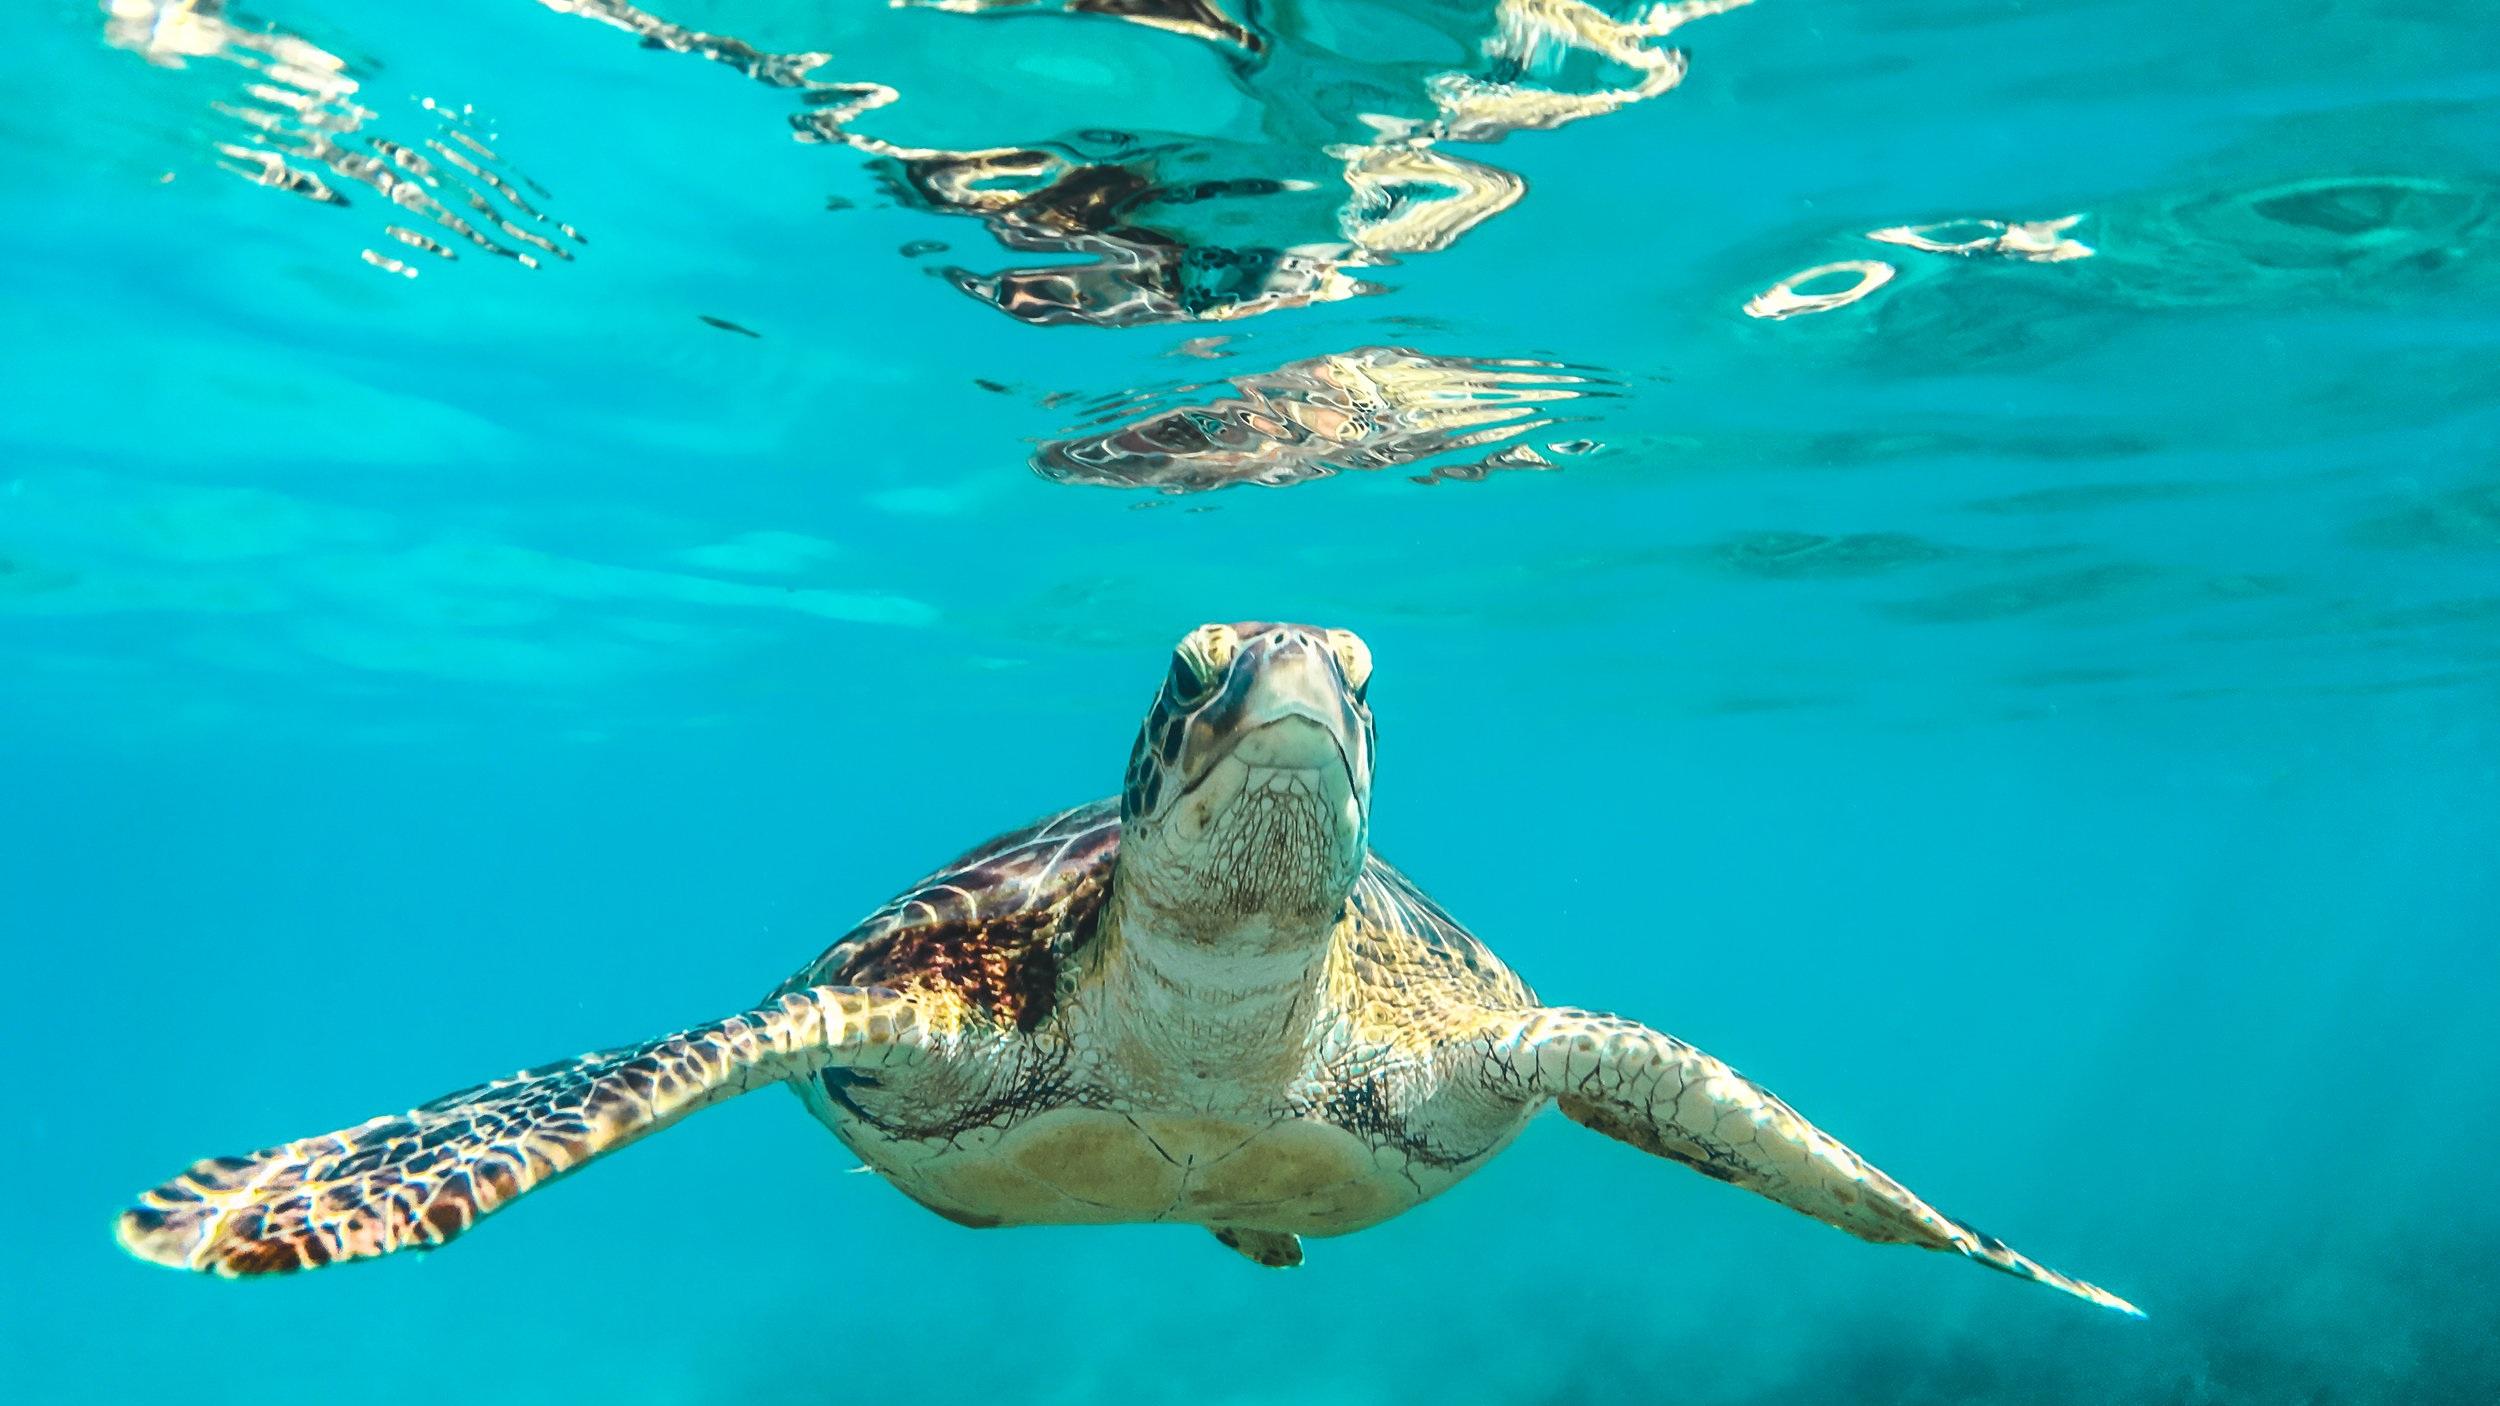 Hanauma Bay - Strax utanför Honolulu ligger Hanauma Bay med sin otroliga natur och som är fantastiskt för snorkling. Hawaiis vatten är fyllt av liv och vid det vackra korallrevet kan du möta både havssköldpaddor och delfiner om du har tur.